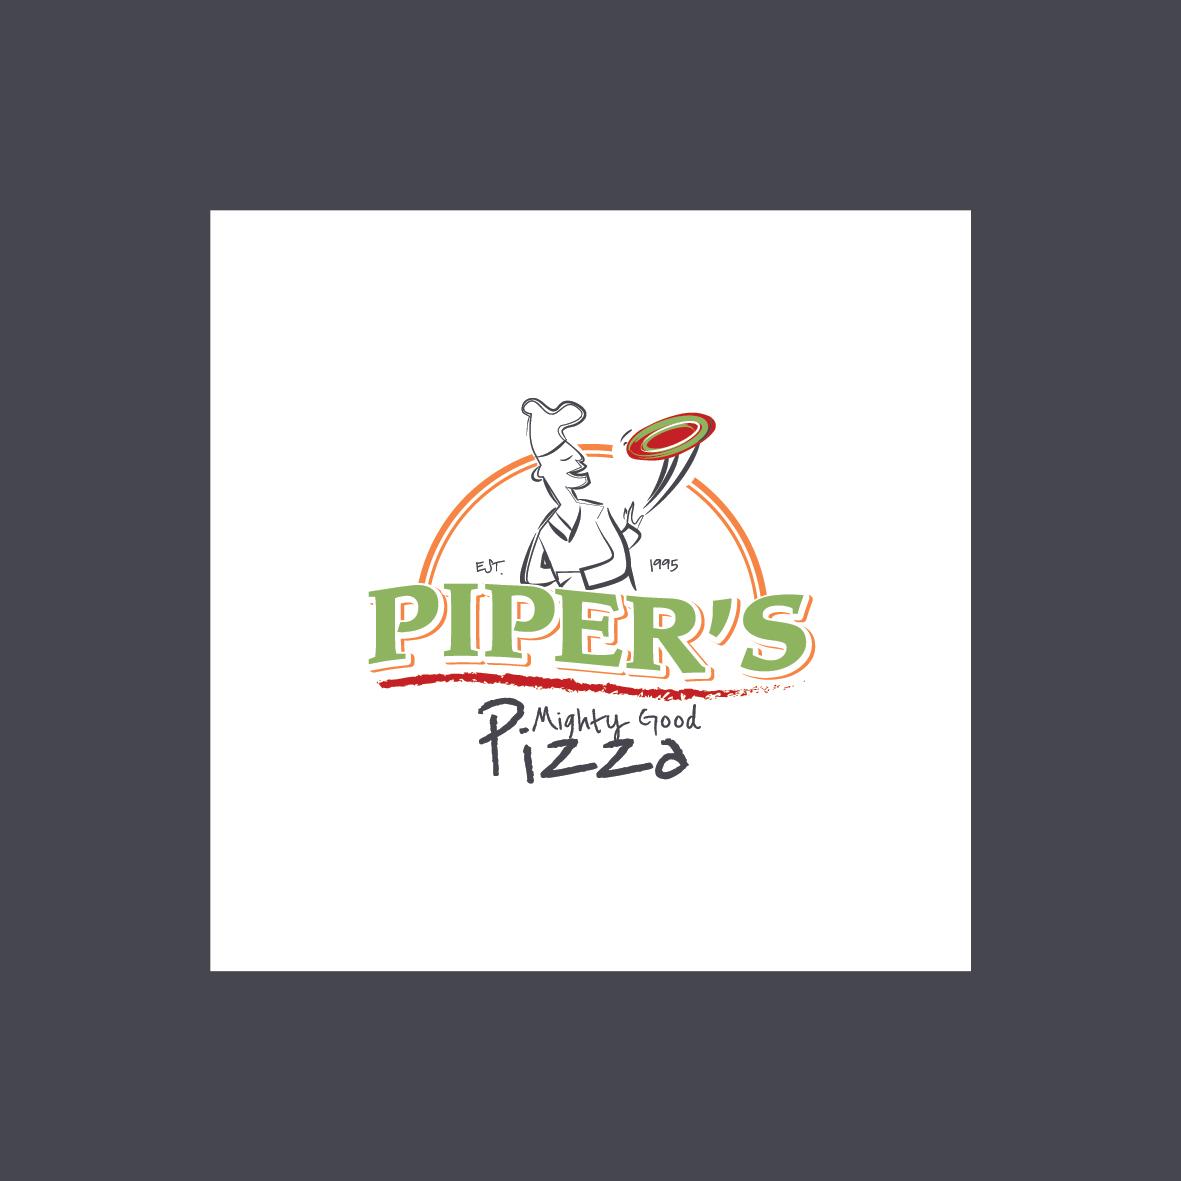 piper's pizza logo